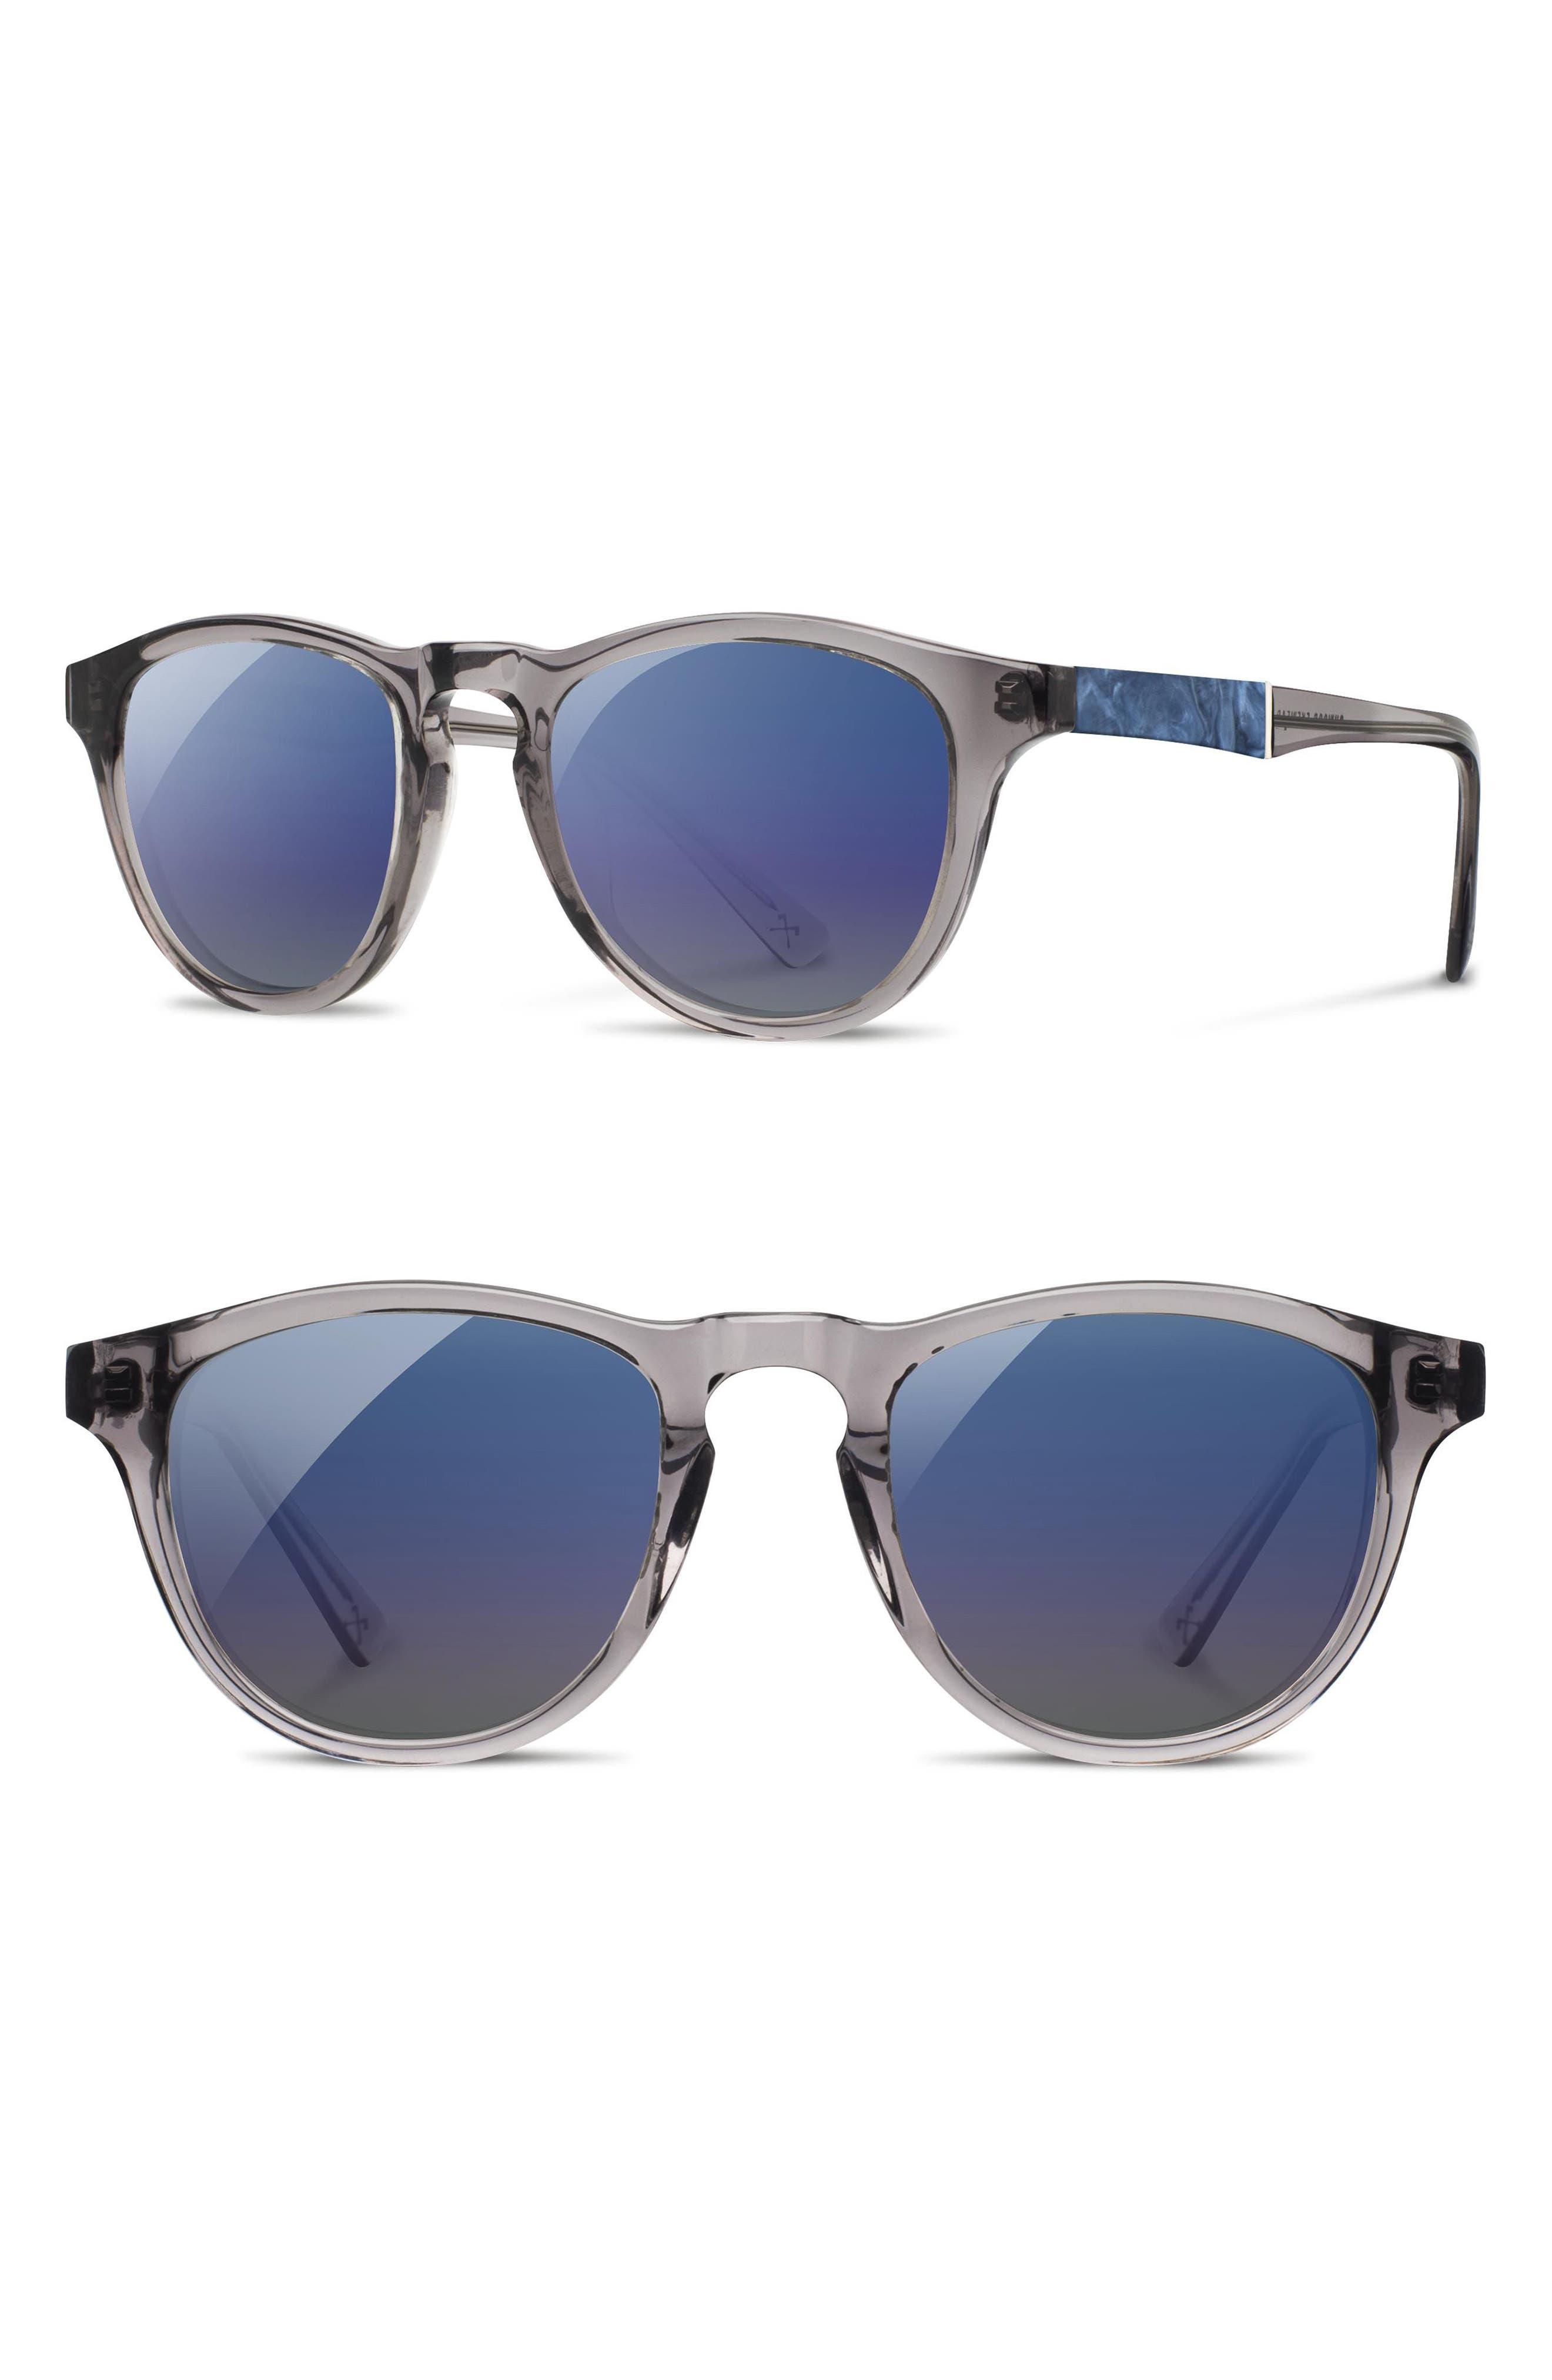 Main Image - Shwood 'Francis' 49mm Polarized Sunglasses